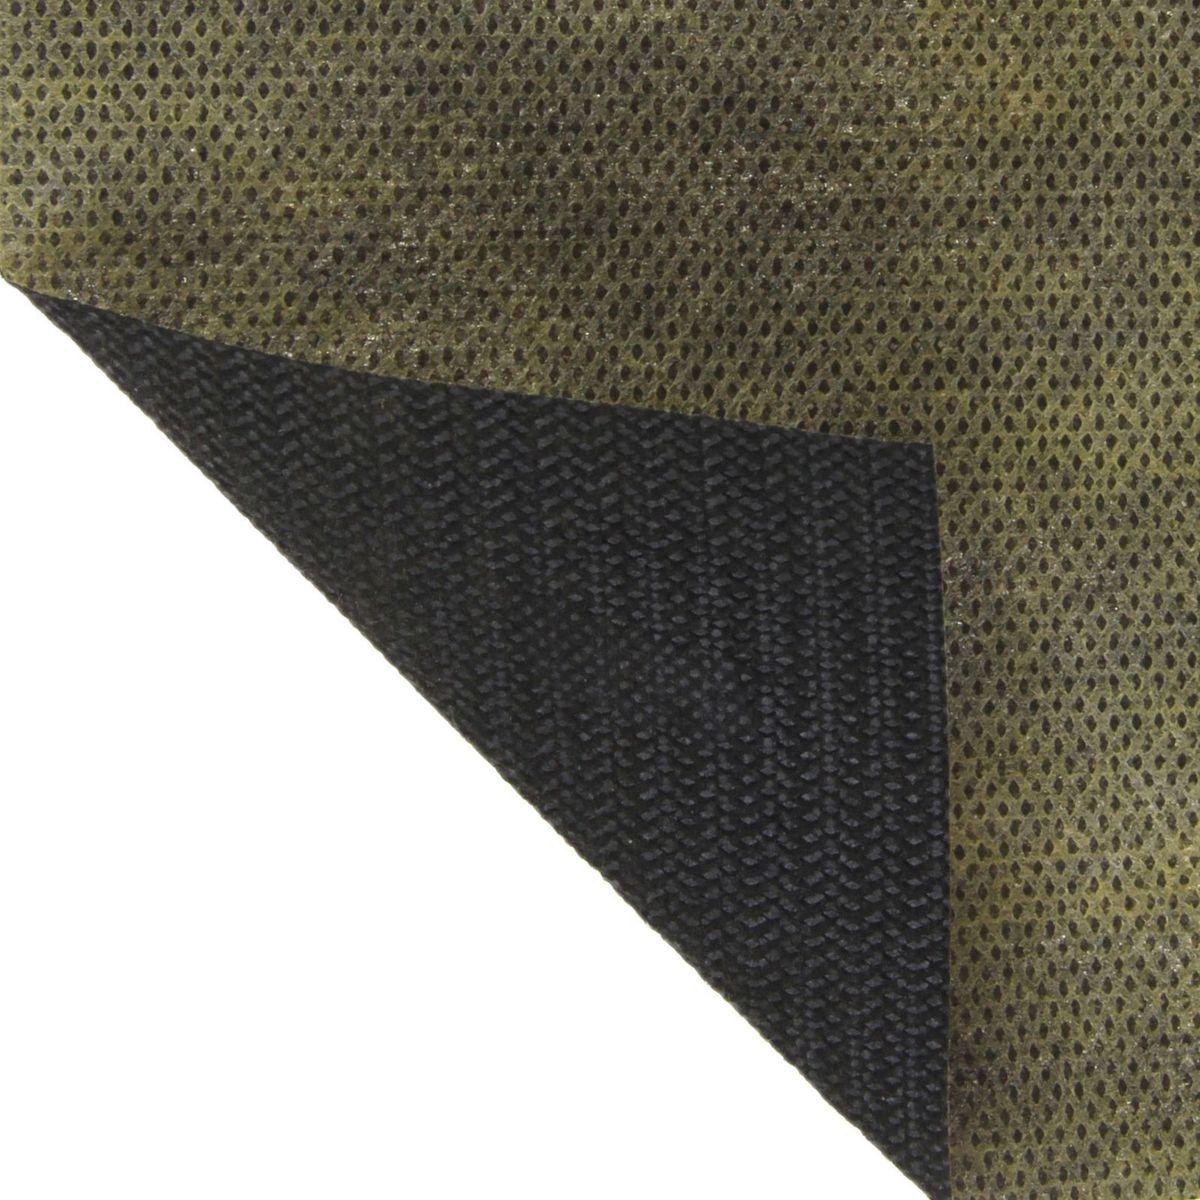 Материал укрывной Агротекс, мульчирующий, цвет: хаки, черный, 5 х 1,6 м1309251Многофункциональность, надежность и высокое качество - вот отличительные черты армированного укрывного материала Агротекс. Назначение: мульчирование посадок - защита от вредителей и сорняков.Выгода:-избавление от вредителей;-весь сезон растения не нуждаются в прополке;-чистые плоды и ягоды;-экономия средств на борьбе с сорняками, на поливе за счет отсутствия потерь растений.С надежным мульчирующим материалом вы достигнете больших результатов, затрачивая меньше усилий. Плюсы материала: -защита от вредителей - слой цвета хаки (внешний) привлекает вредителей на себя, а не на растение;-надежная защита культур от сорняков;-под материалом влага удерживается дольше;-меньше болезней и загнивания благодаря отсутствию контакта с землей.Двухцветный мульчирующий материал идеально подходит для капусты, томатов, перцев, баклажанов, огурцов и зелени.